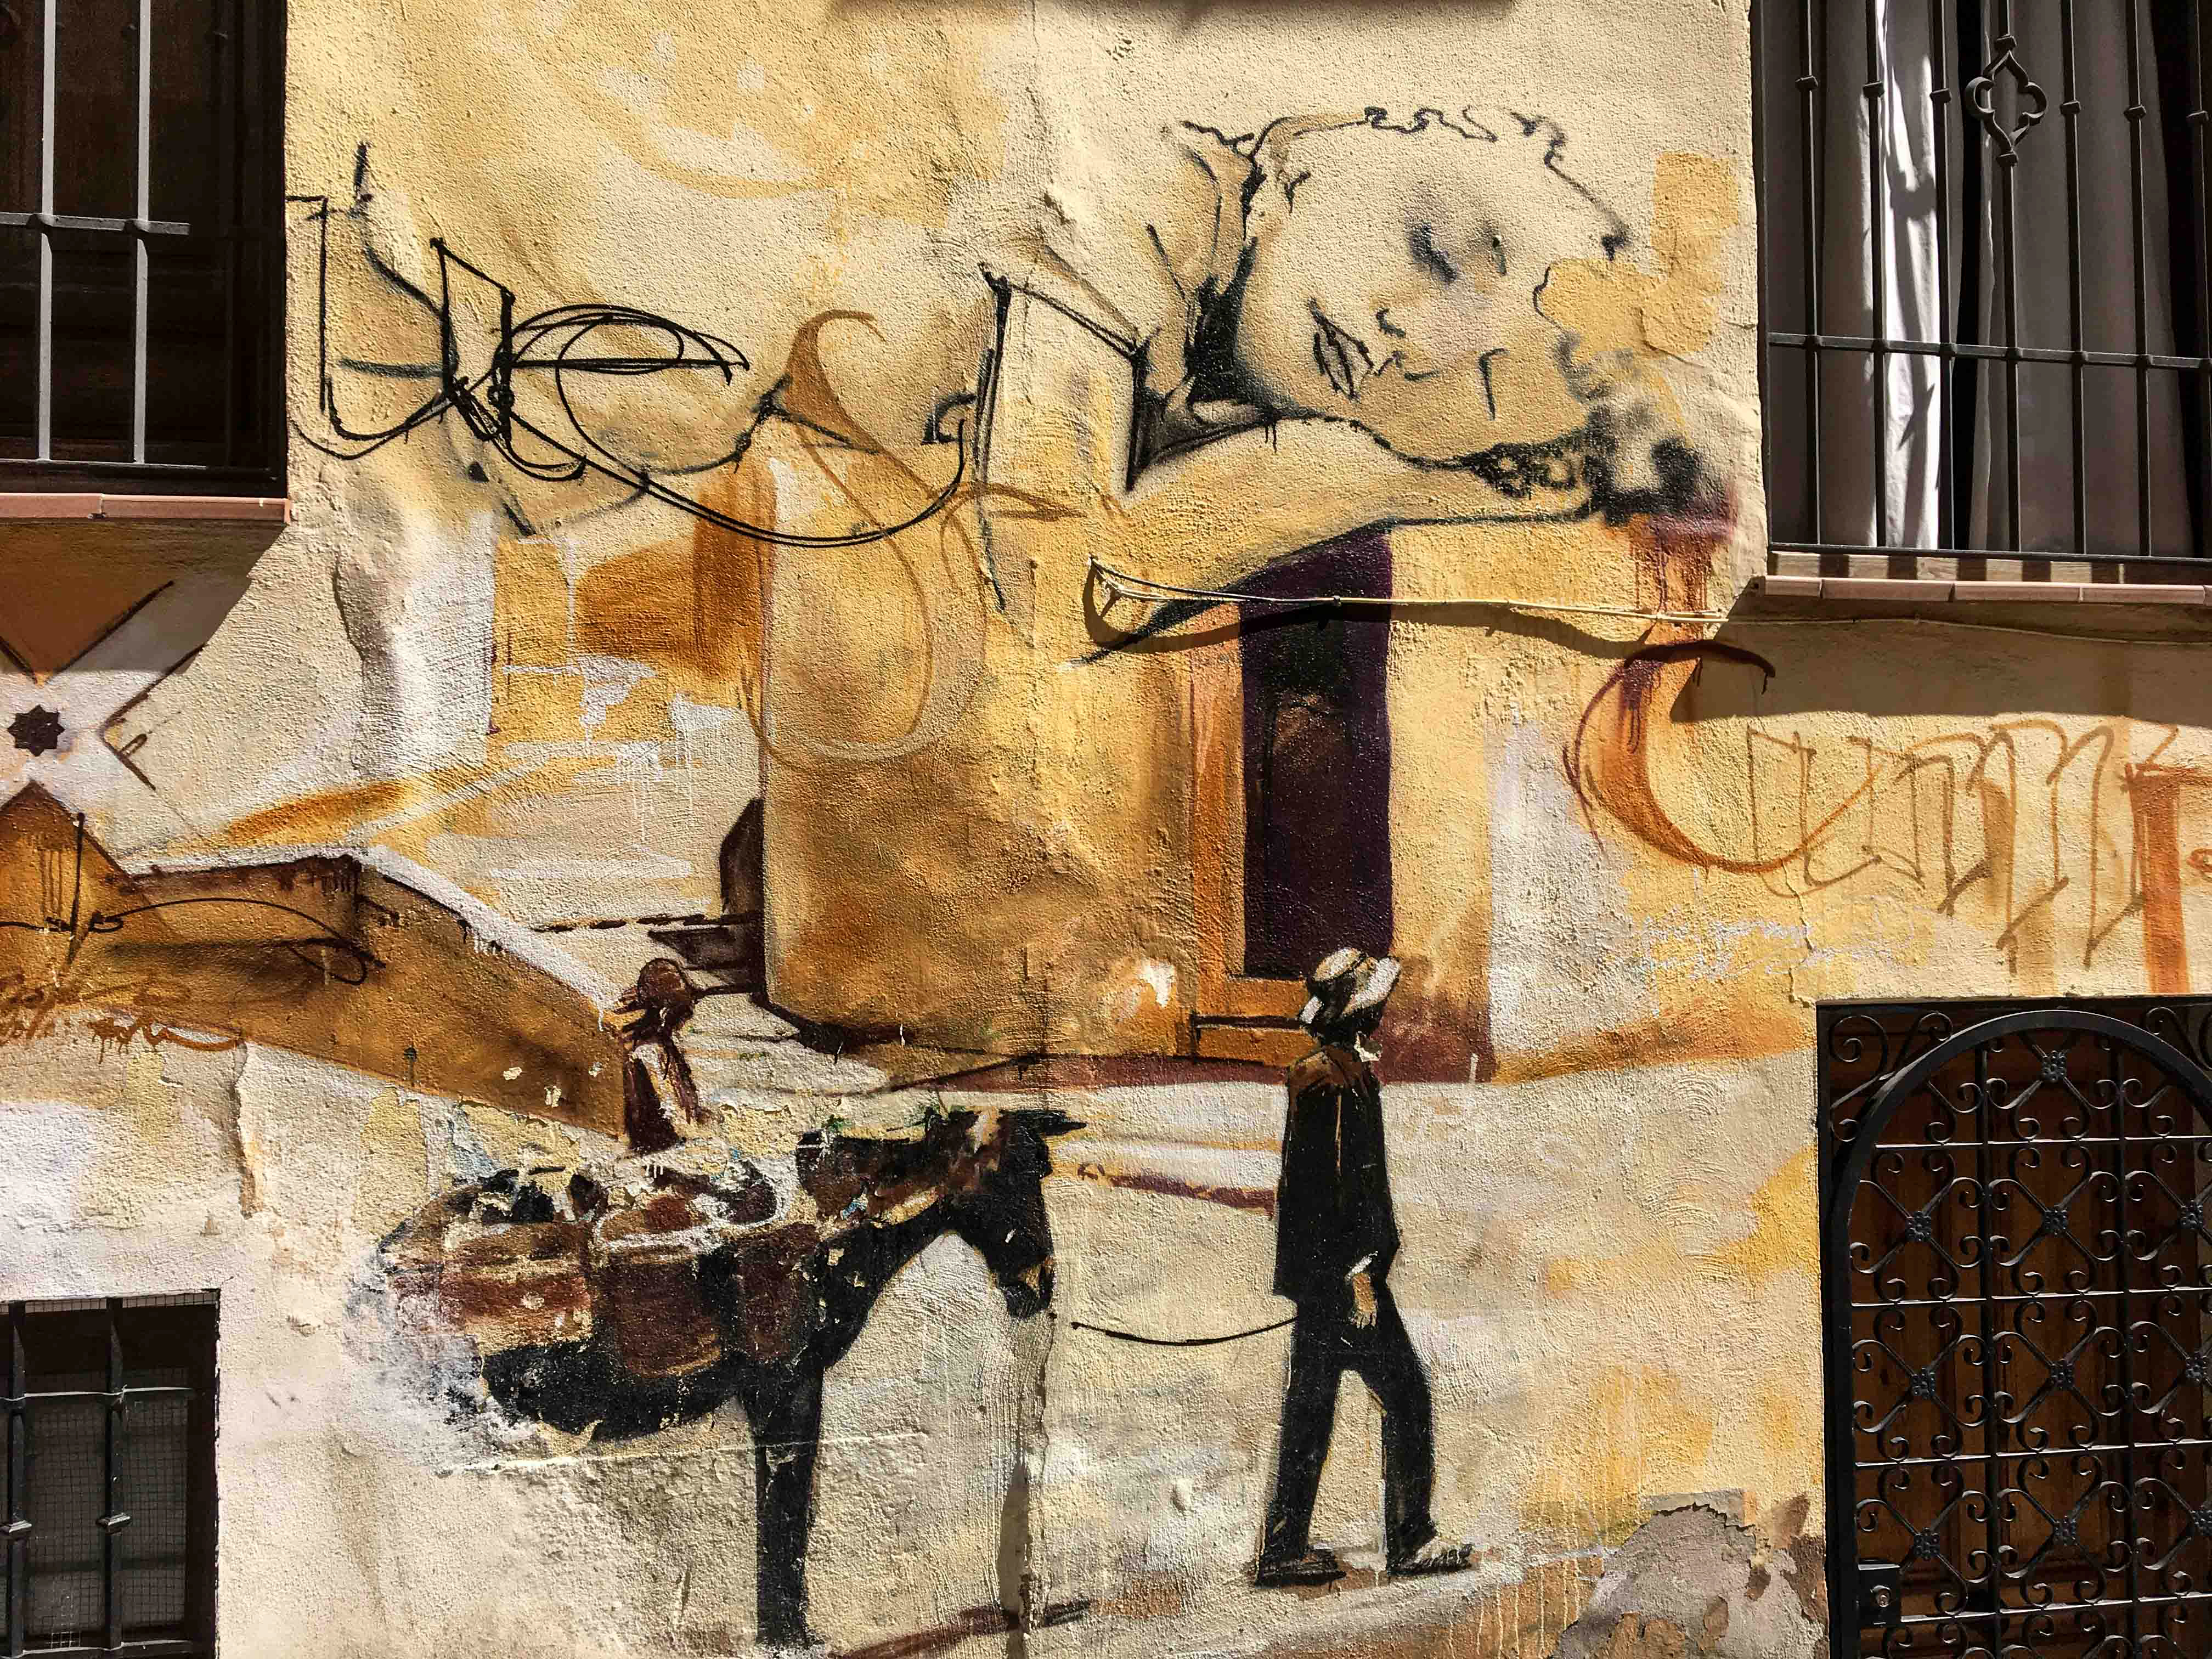 Ausschnitt aus einem Mural von El Niño de las Pinturas dass ein schlafendes Kind und einen Mann mit einem Esel zeigt